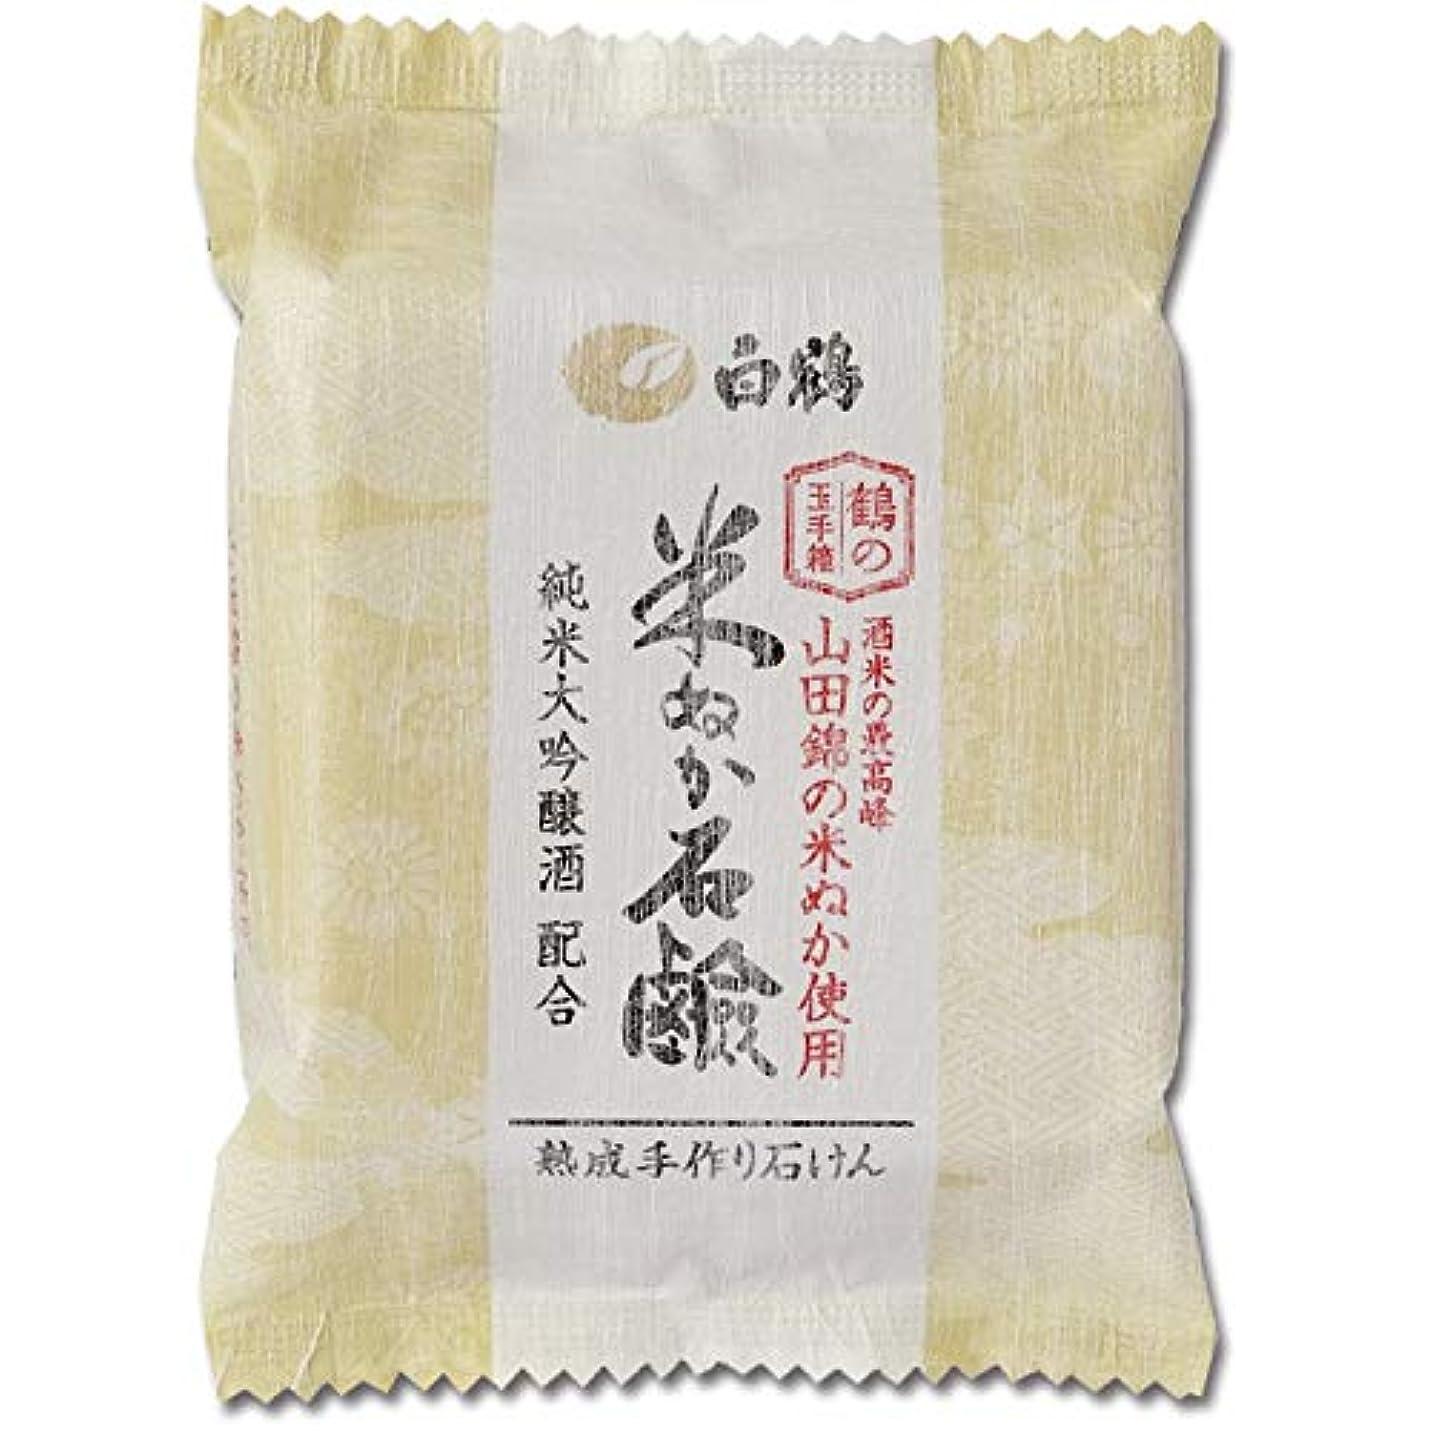 法的瞬時に参照する白鶴 鶴の玉手箱 米ぬか石けん 100g (全身用石鹸)